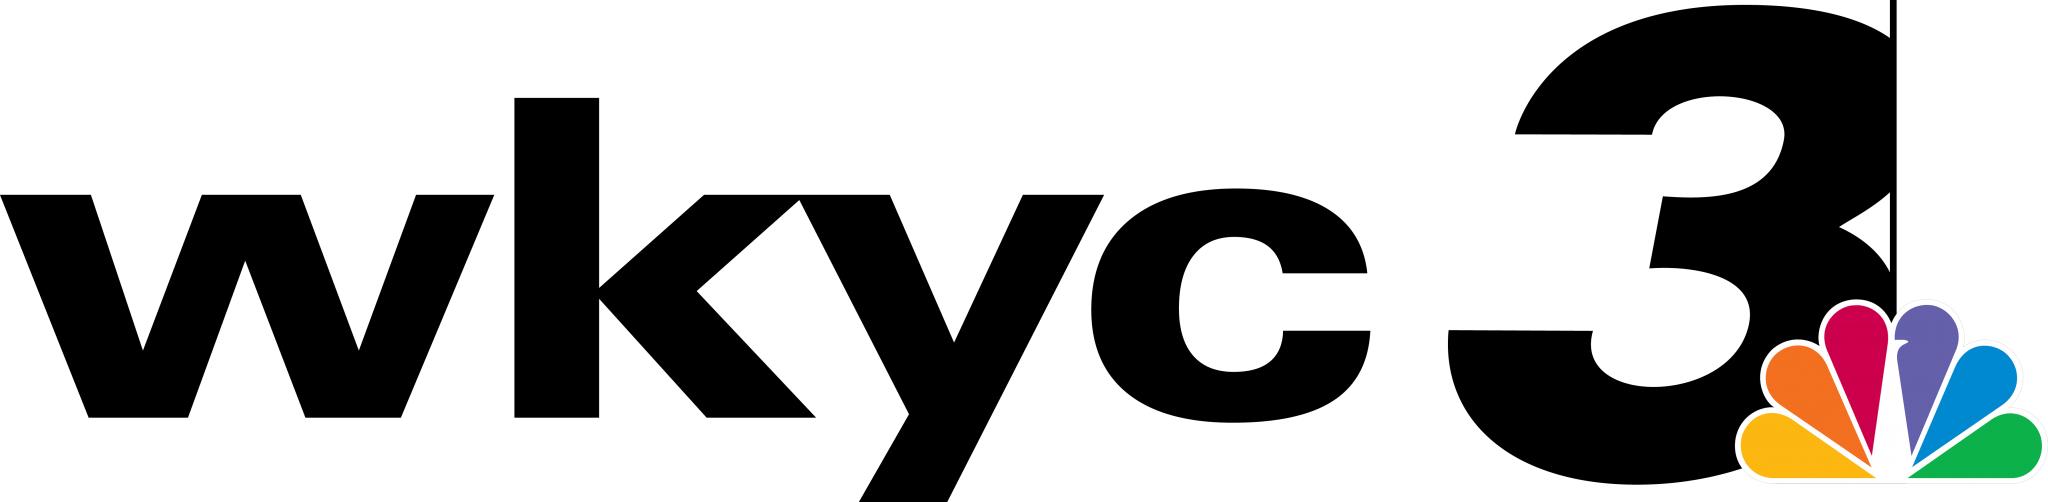 WKYC.jpg